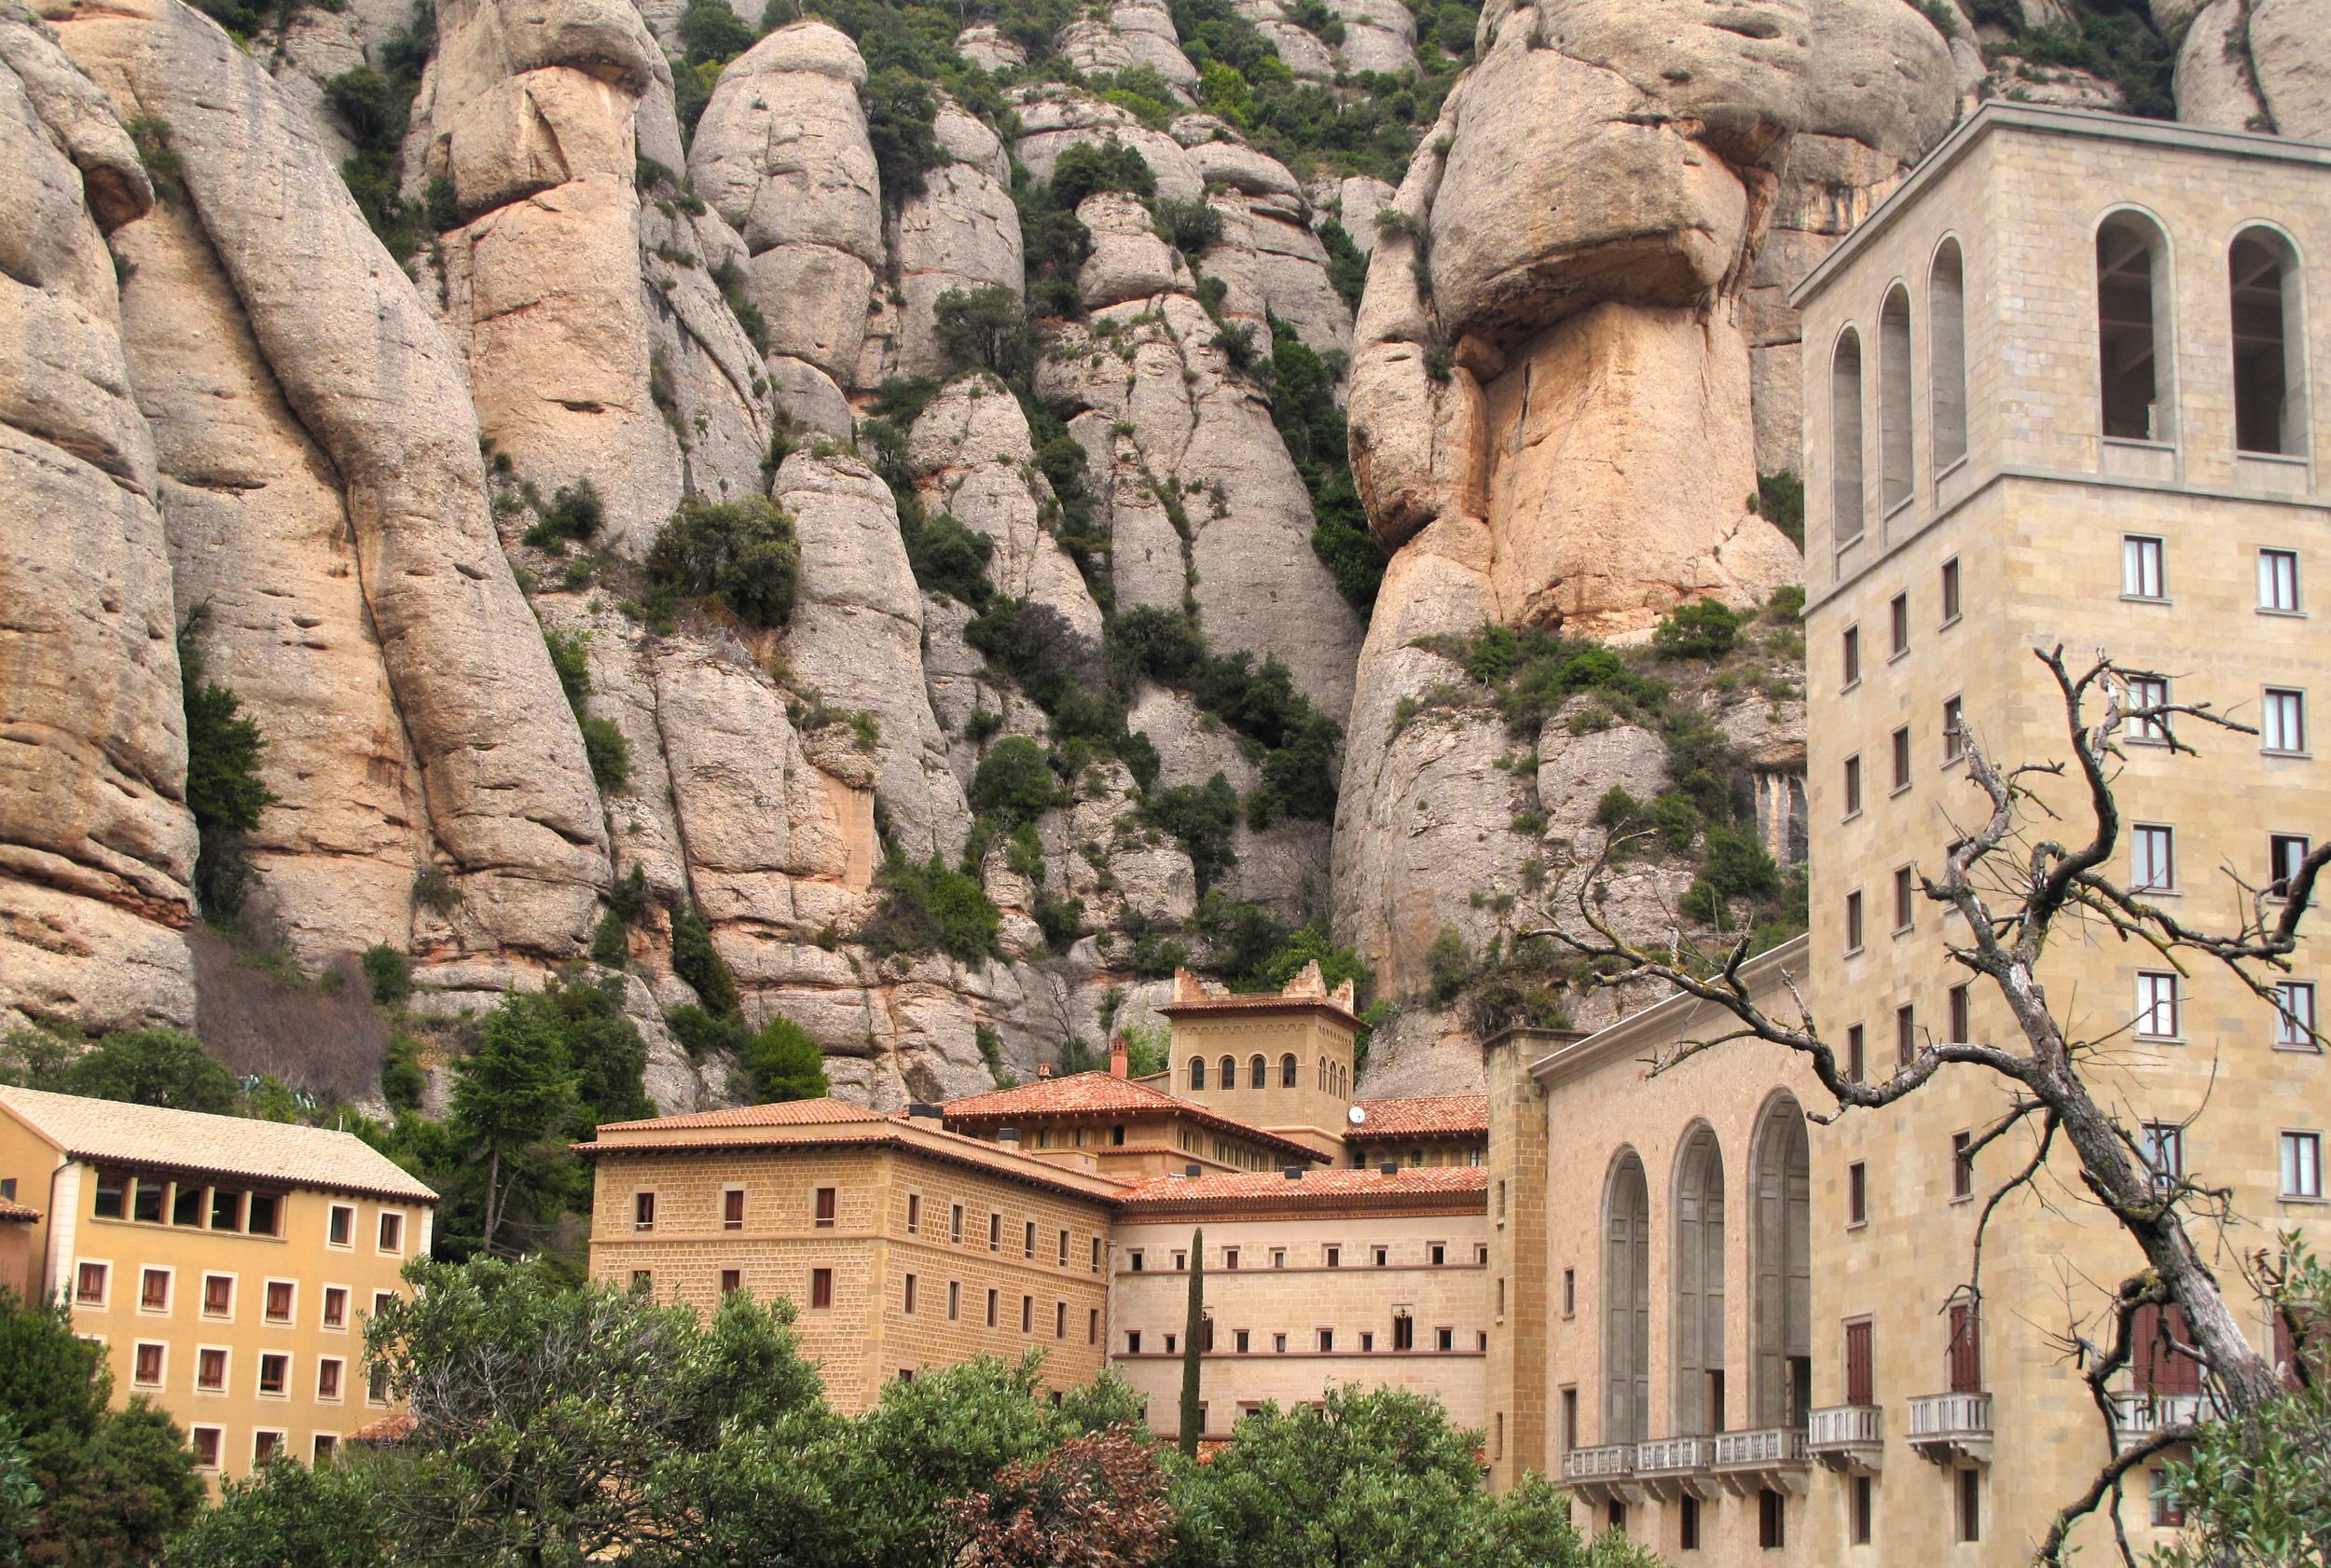 Monserrat monastery nestled in the hills of Catalonia